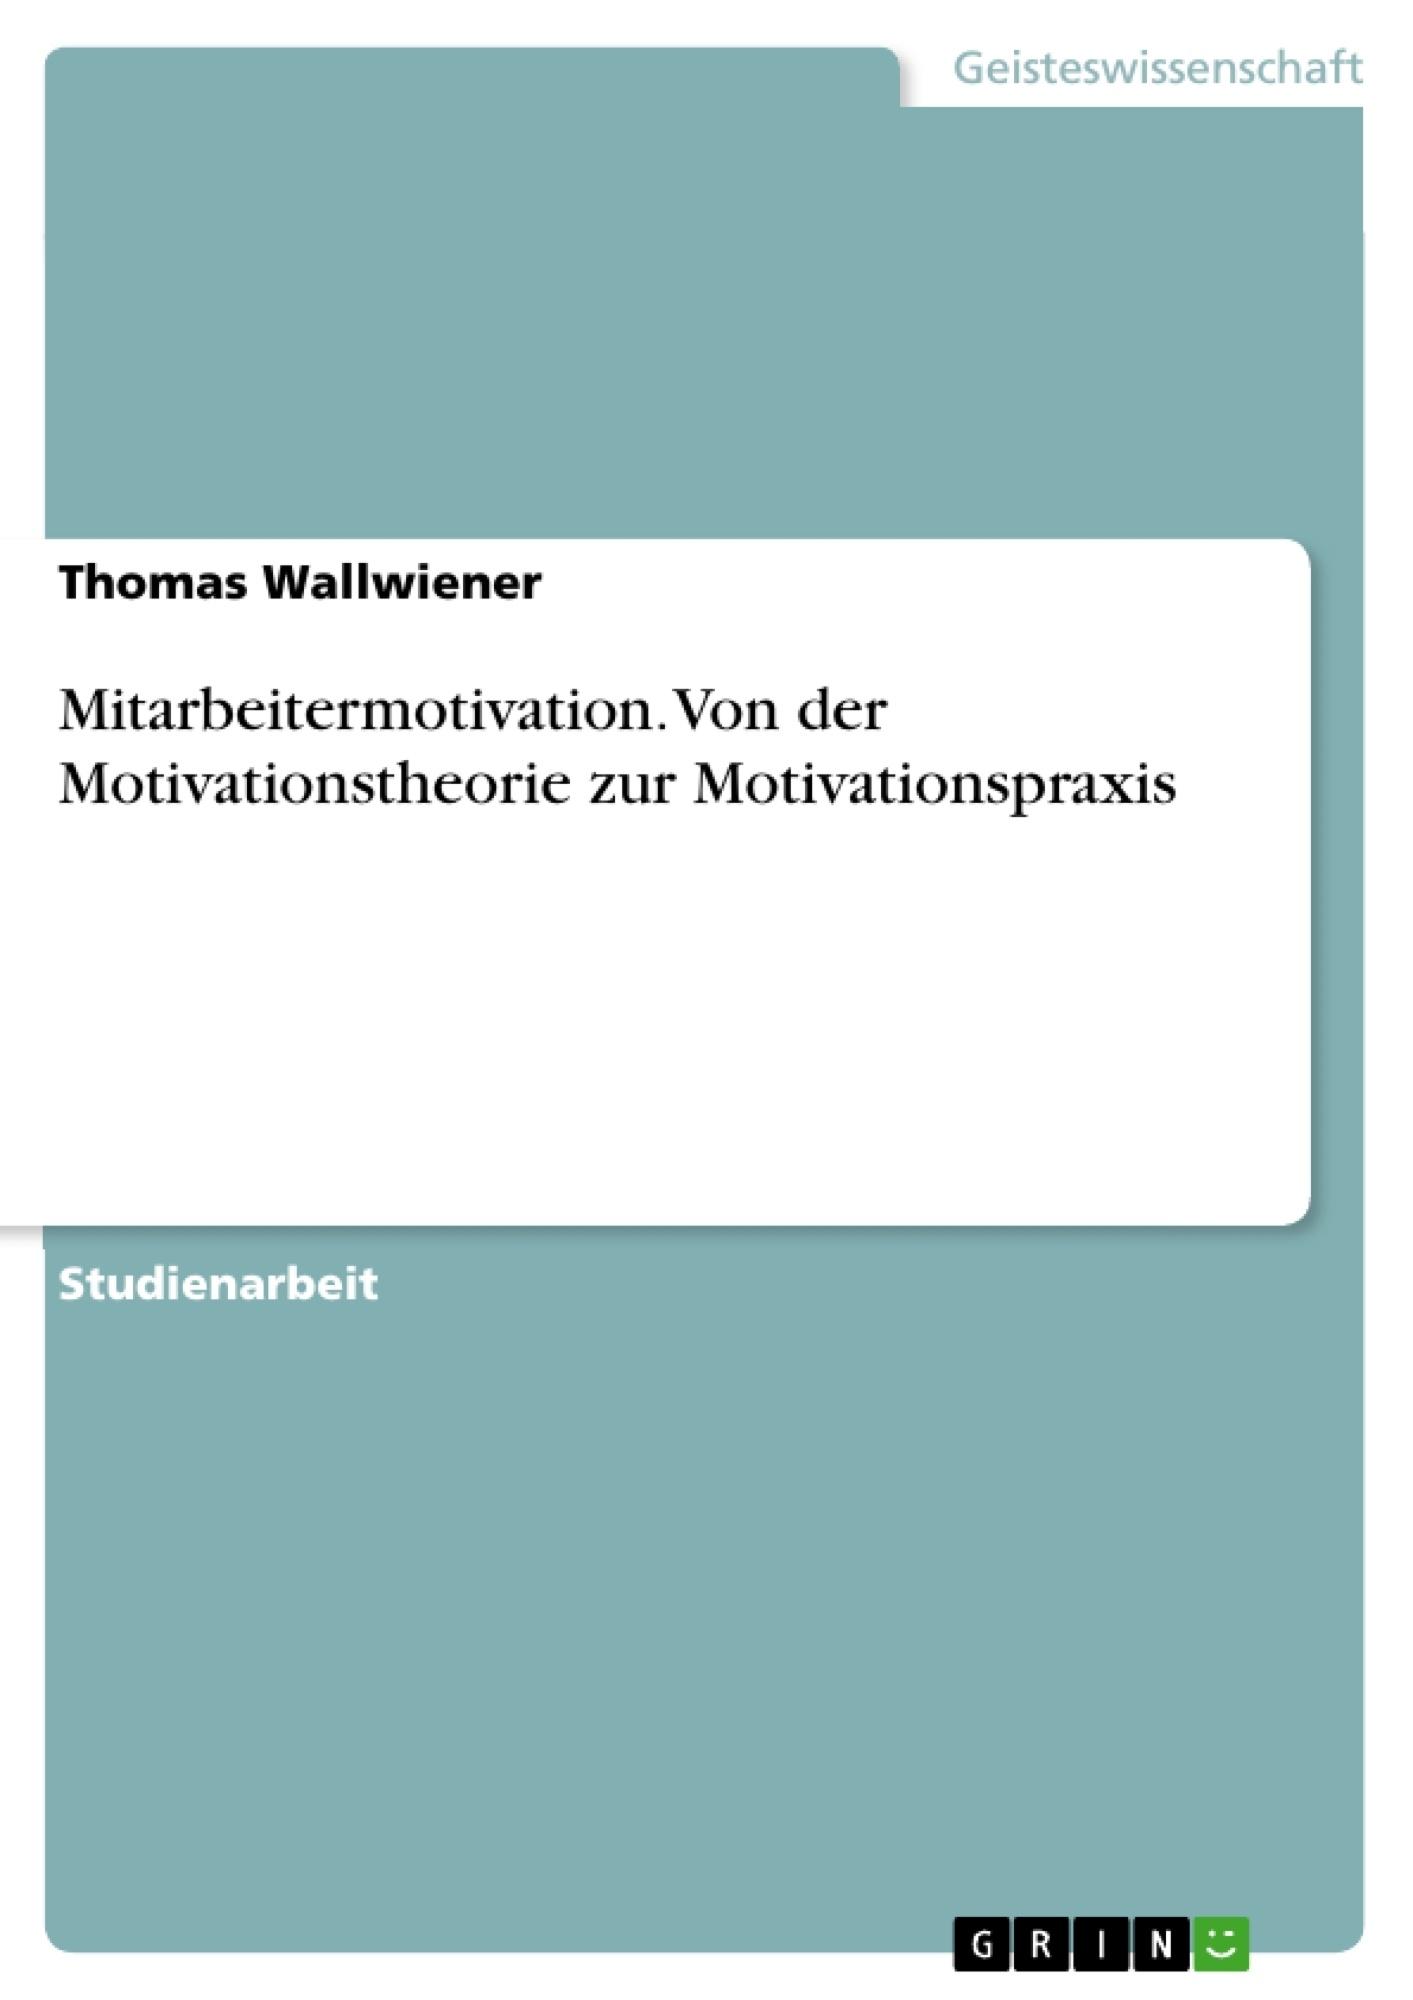 Titel: Mitarbeitermotivation. Von der Motivationstheorie zur Motivationspraxis